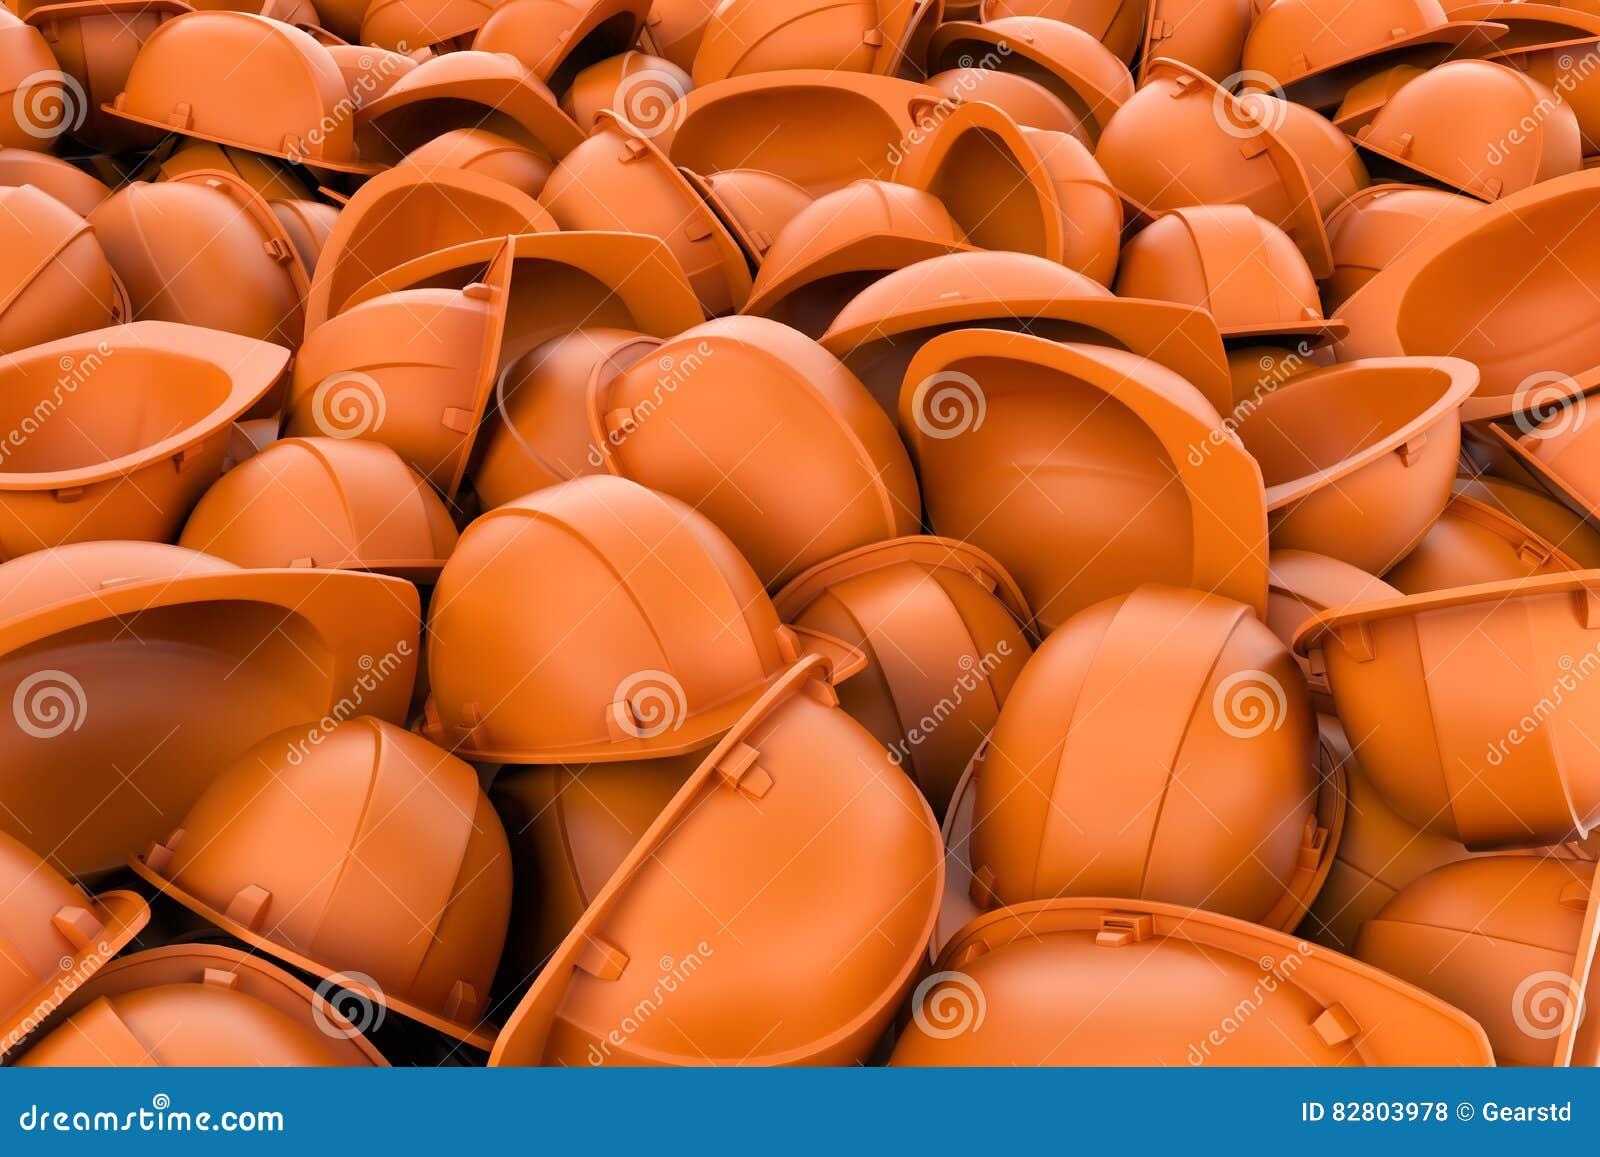 Rendering endless pile of orange plastic work helmet`s.